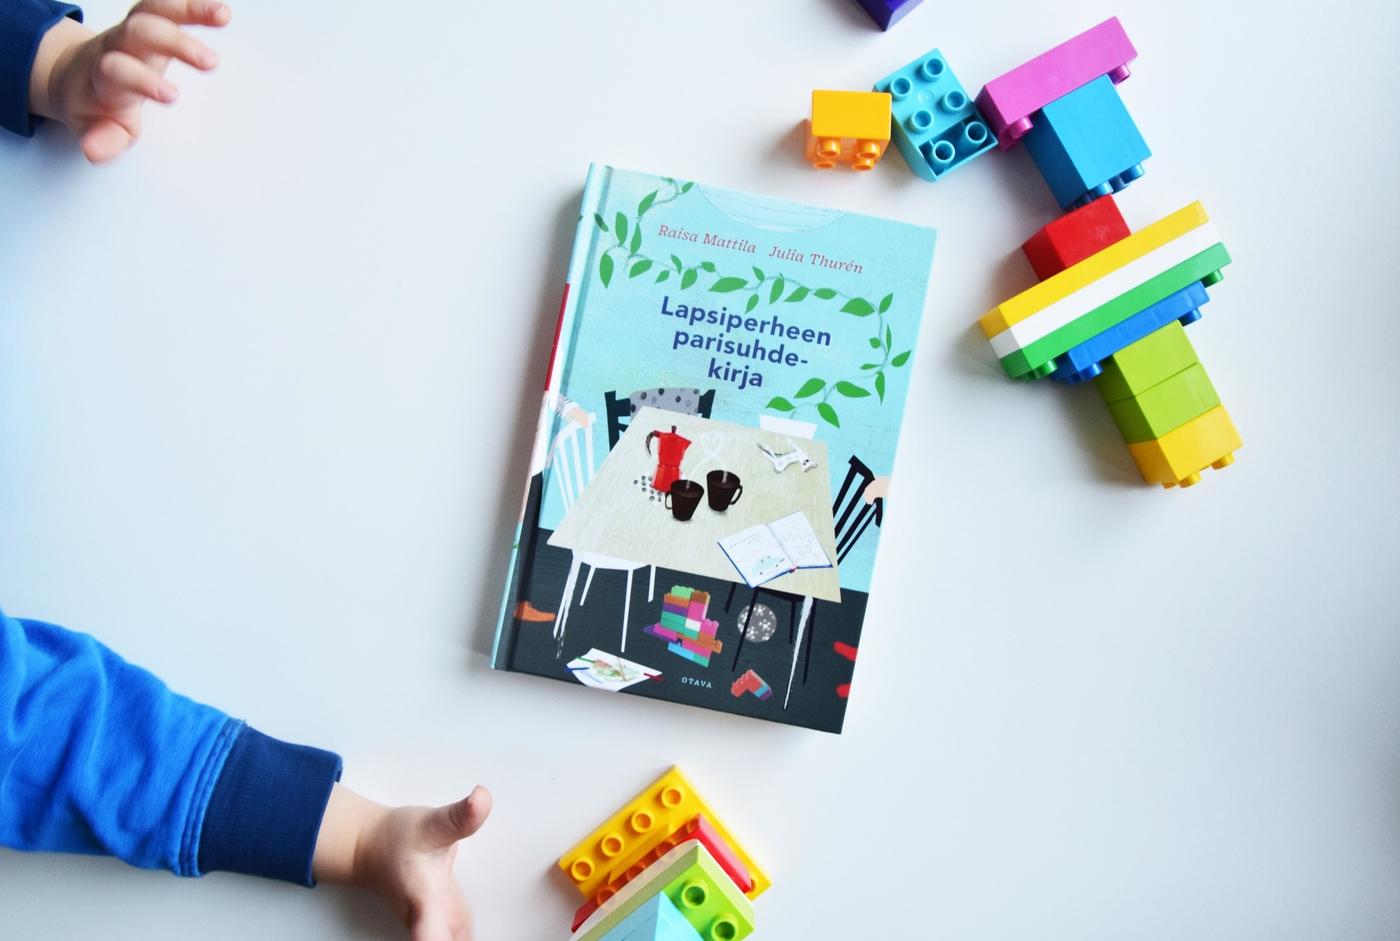 Vihdoin painosta: Lapsiperheen parisuhdekirja